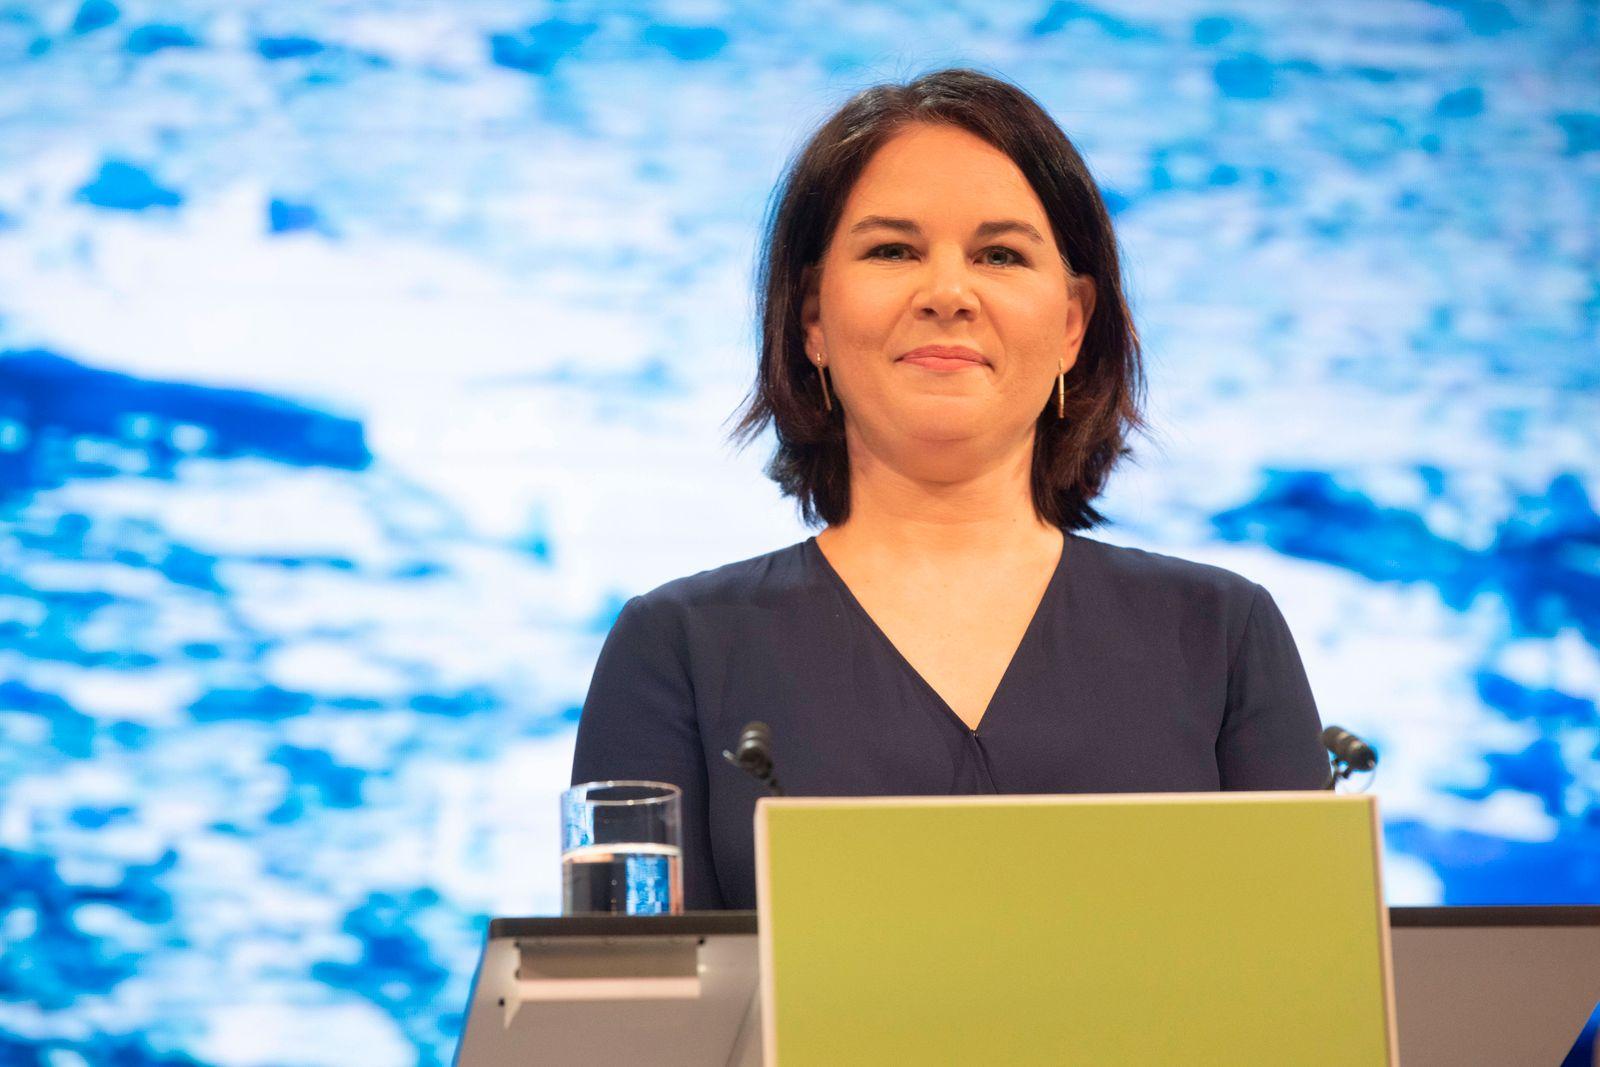 Deutschland, Berlin, Pressekonferenz mit der designierten Kanzlerkandidatin von BÜNDNIS 90/DIE GRÜNEN, Annalena Baerboc